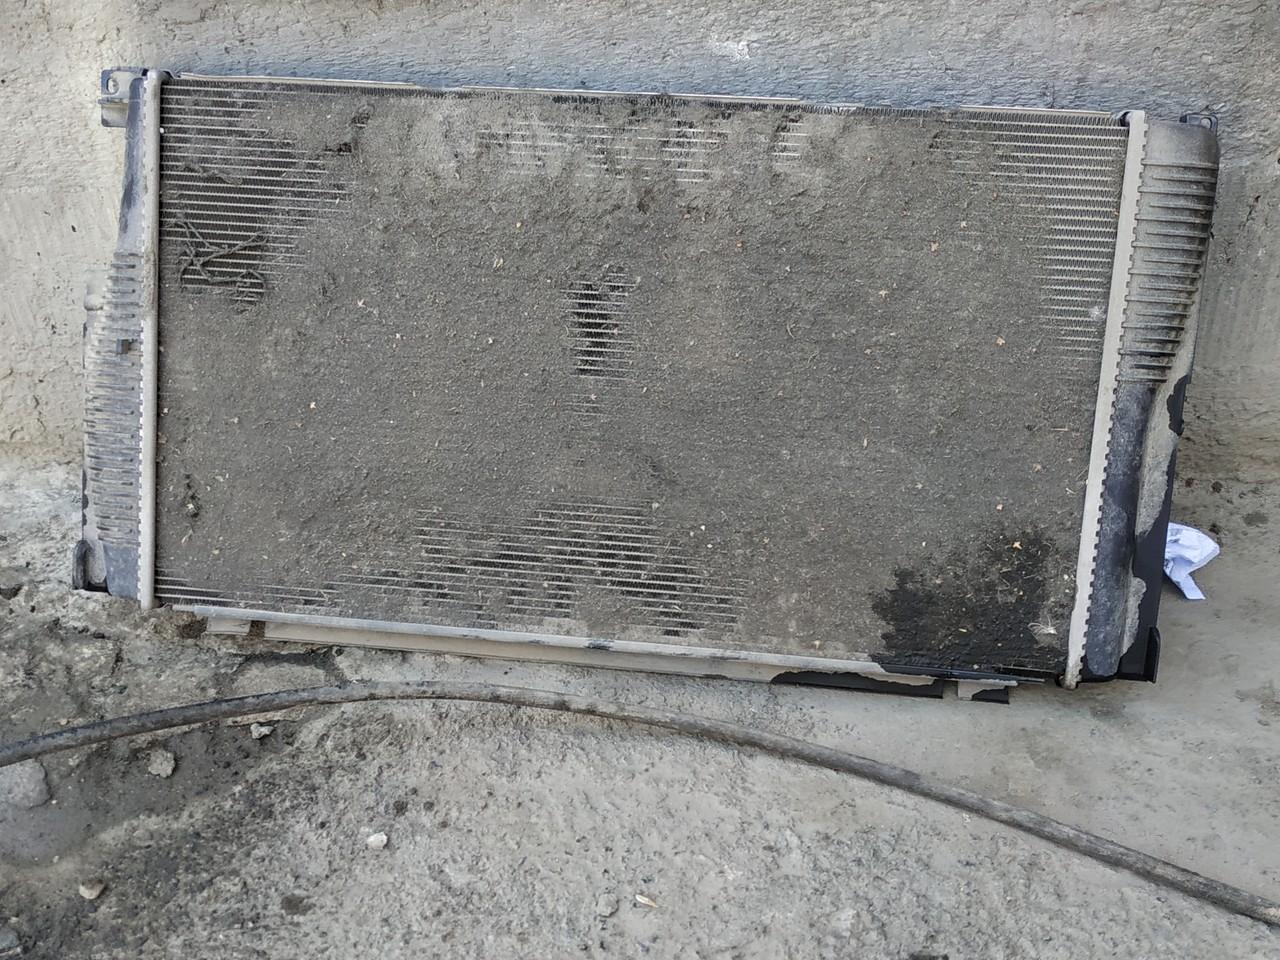 грязный радиатор f10, до мойки